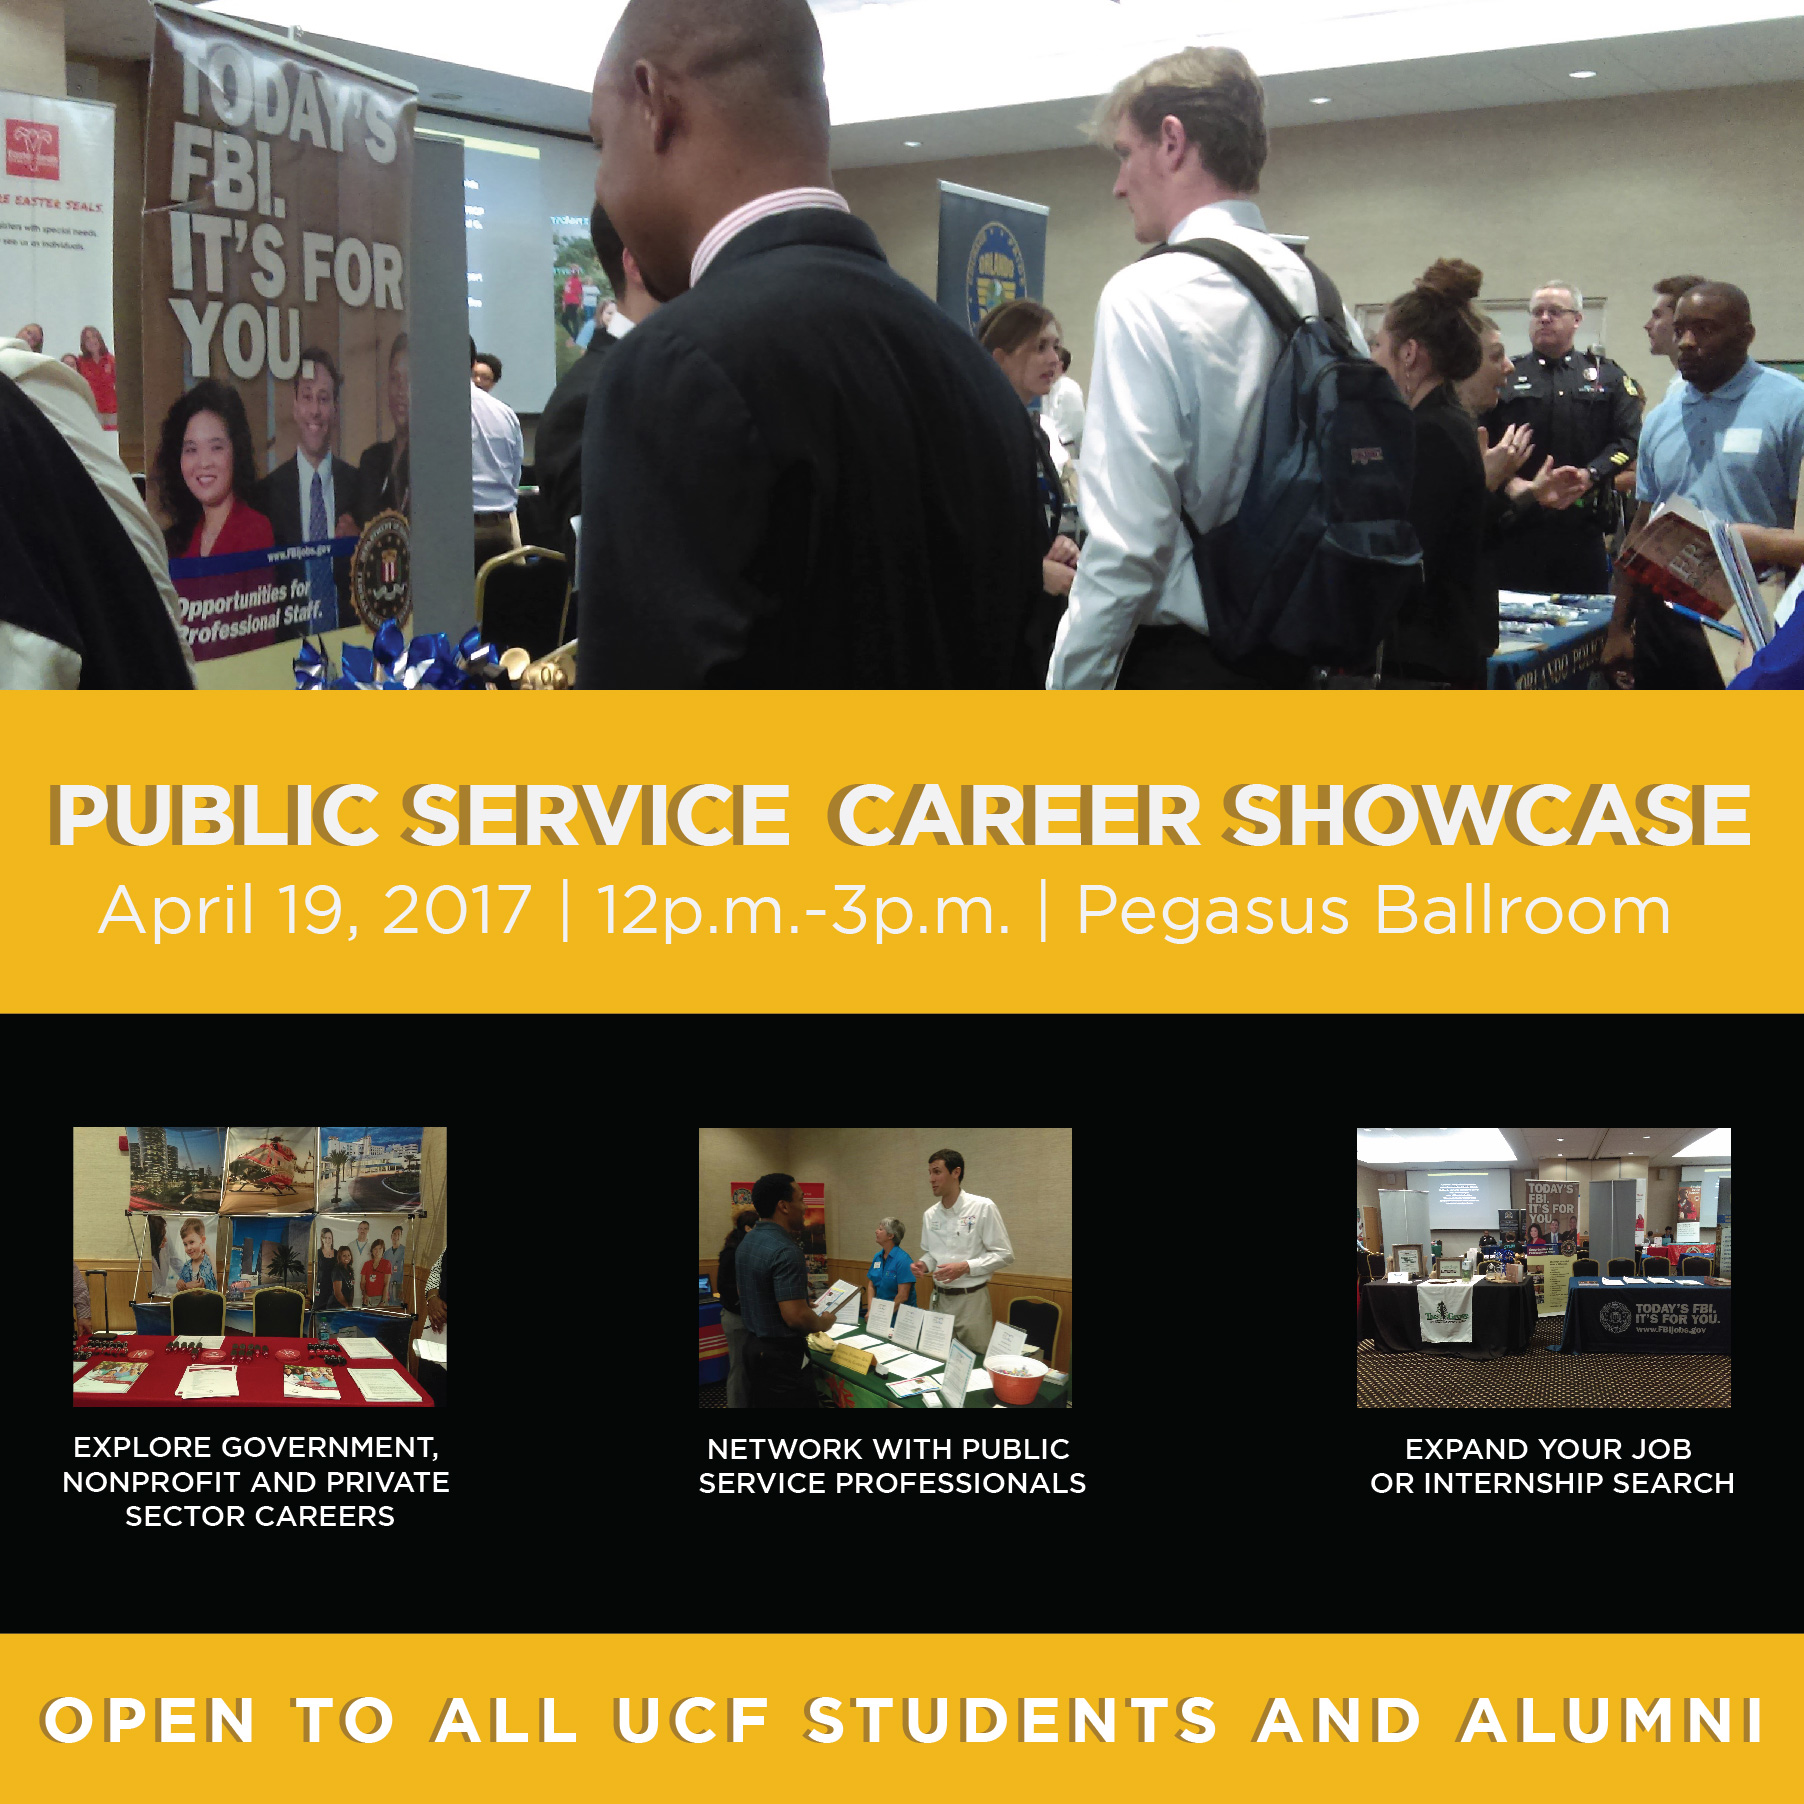 Niedlich Ucf Career Services Beispiel Lebenslauf Bilder - Beispiel ...